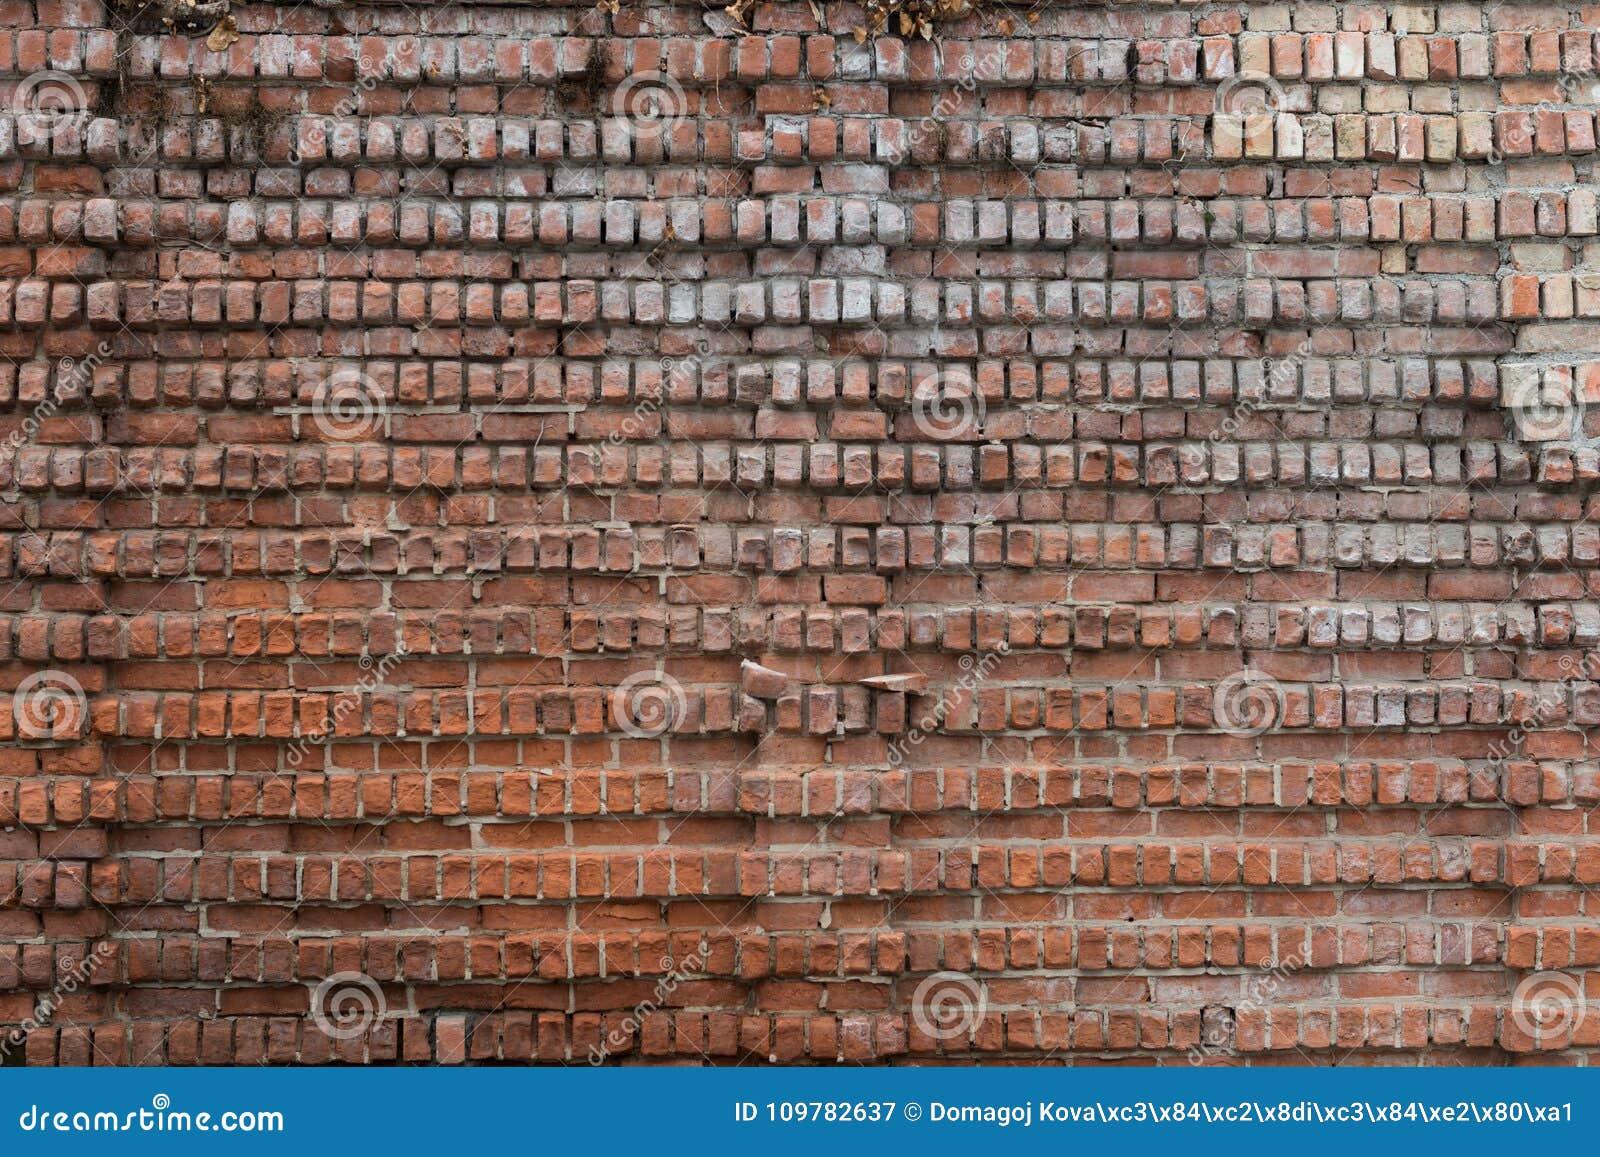 vieux fond texture et mod le de brique grand mur de briques rouge image stock image du fonc. Black Bedroom Furniture Sets. Home Design Ideas